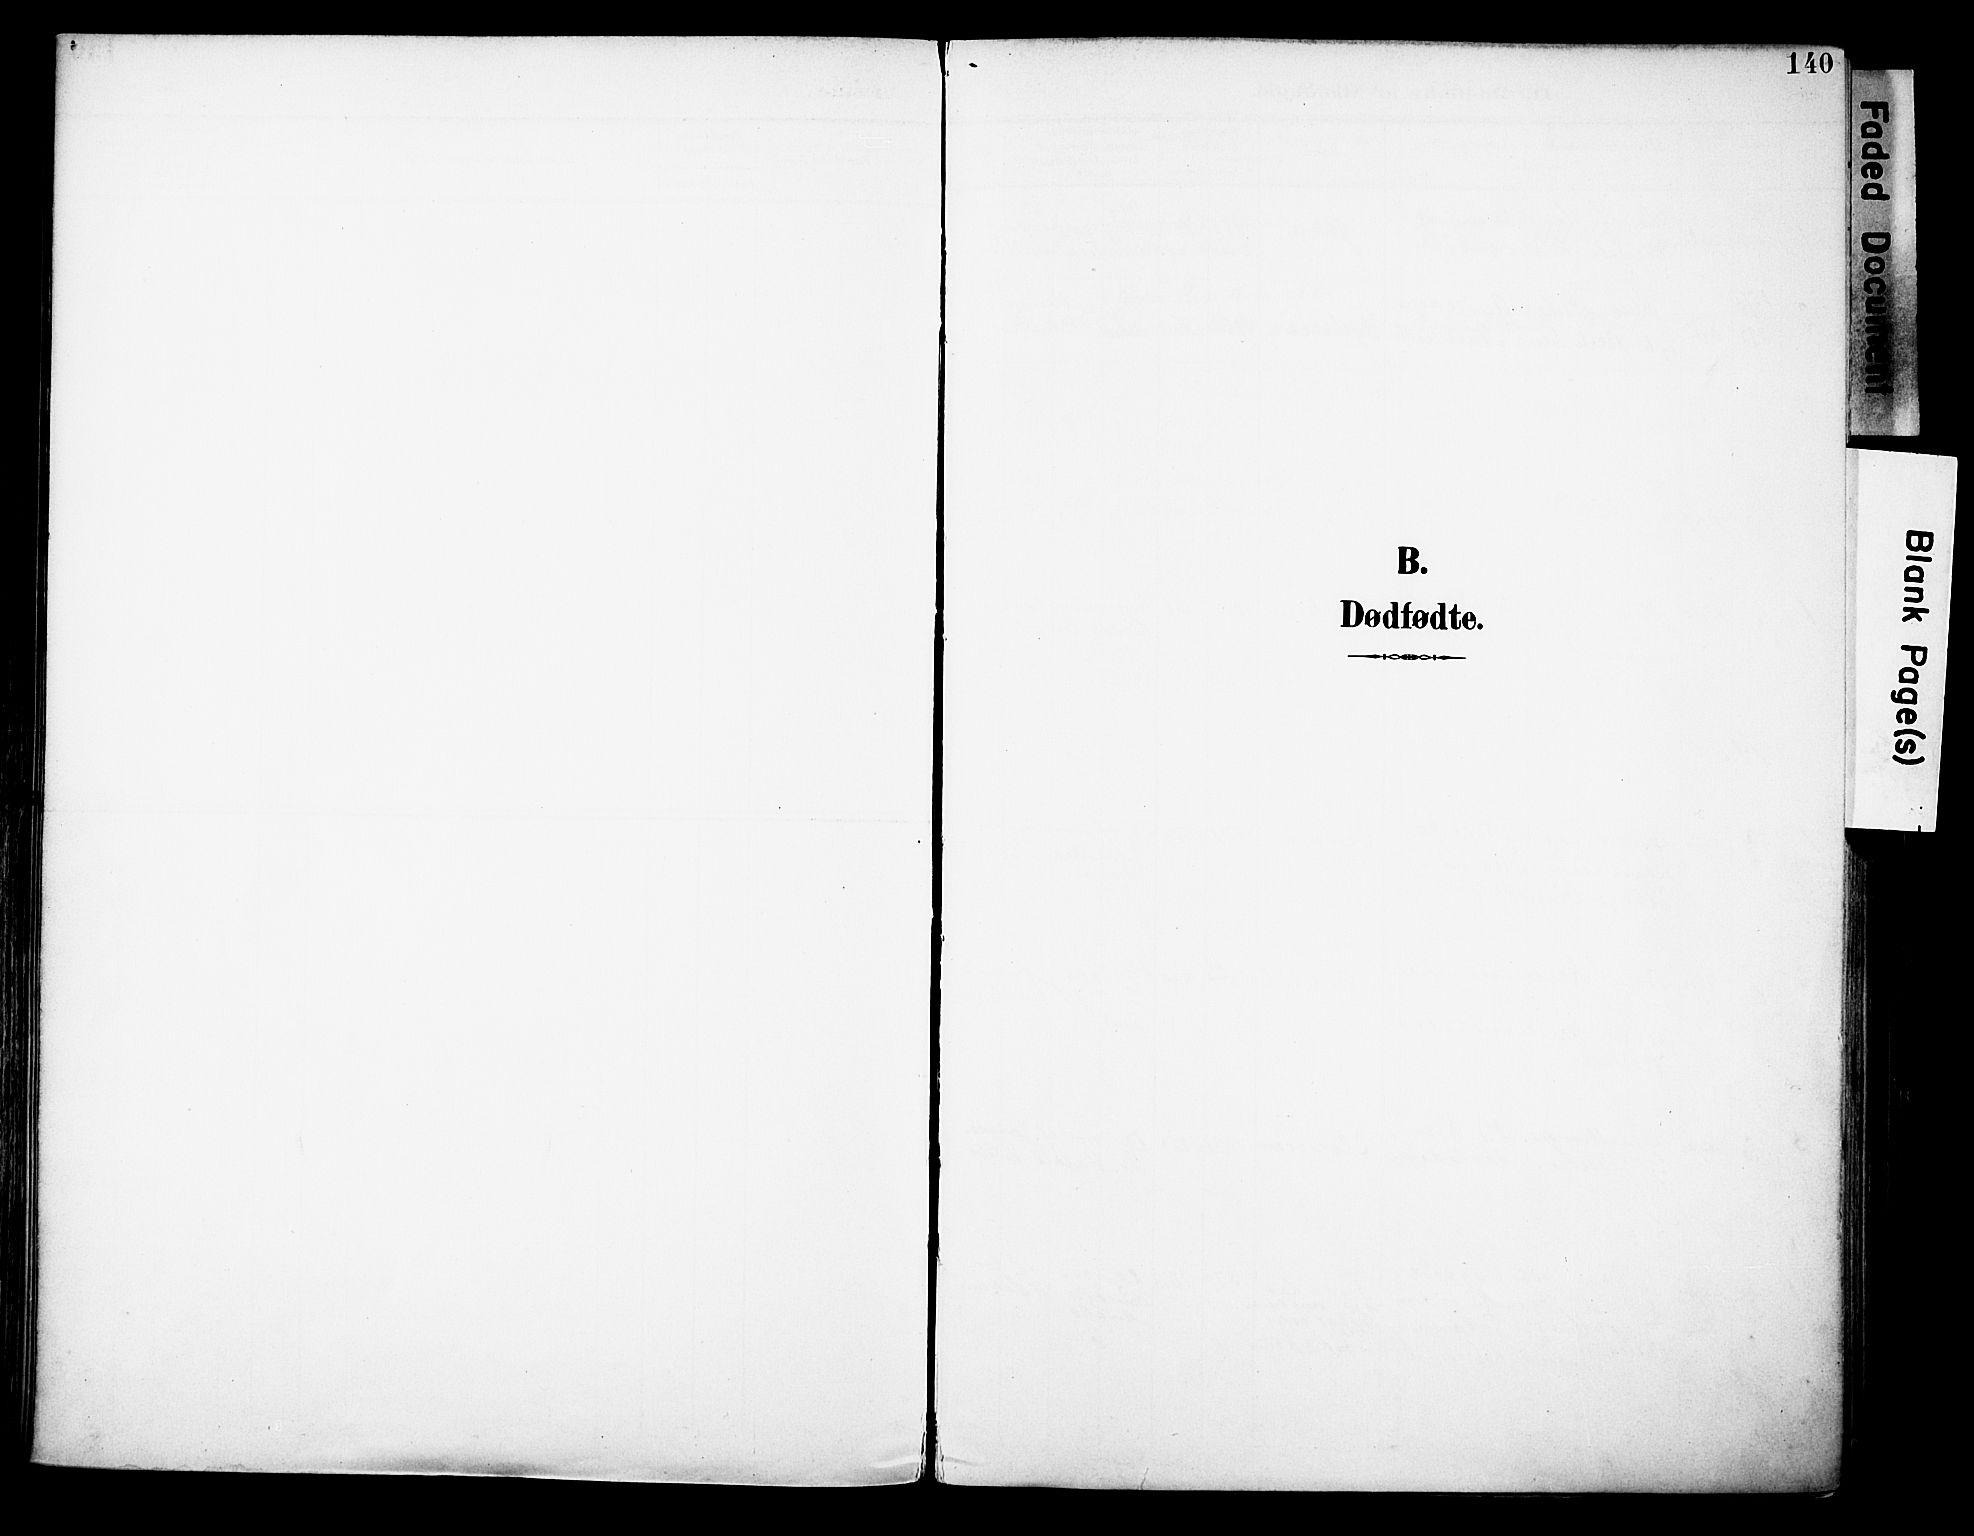 SAH, Vestre Toten prestekontor, Ministerialbok nr. 13, 1895-1911, s. 140